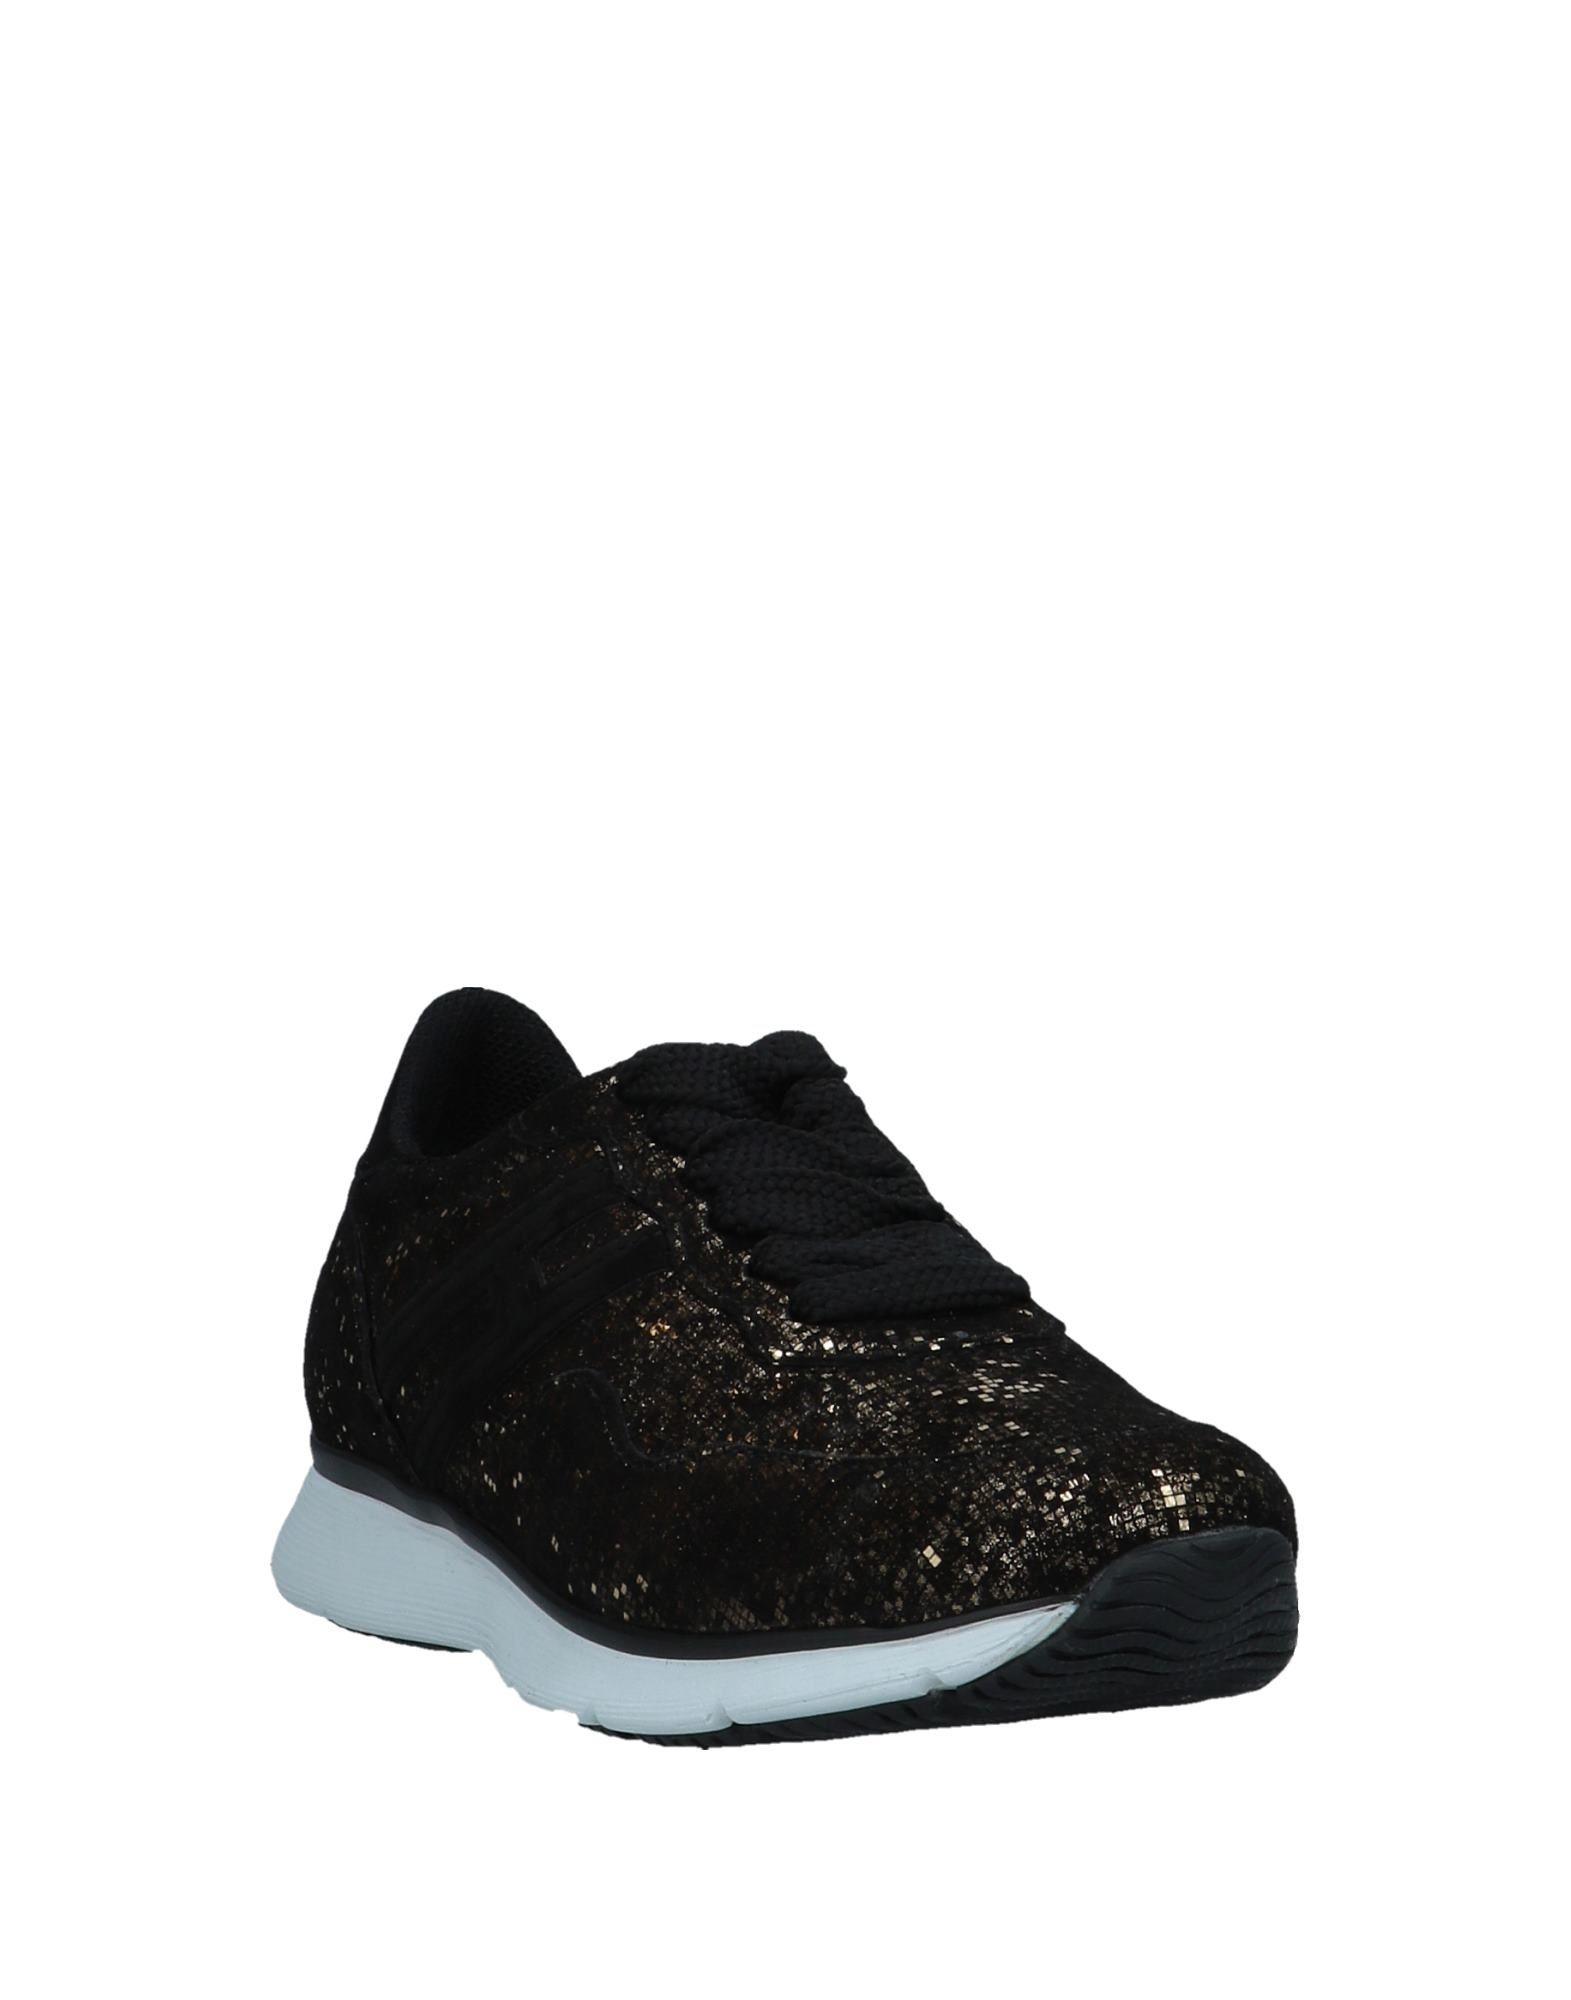 Hogan Damen Sneakers Damen Hogan  11539756SO Heiße Schuhe eb5dbb